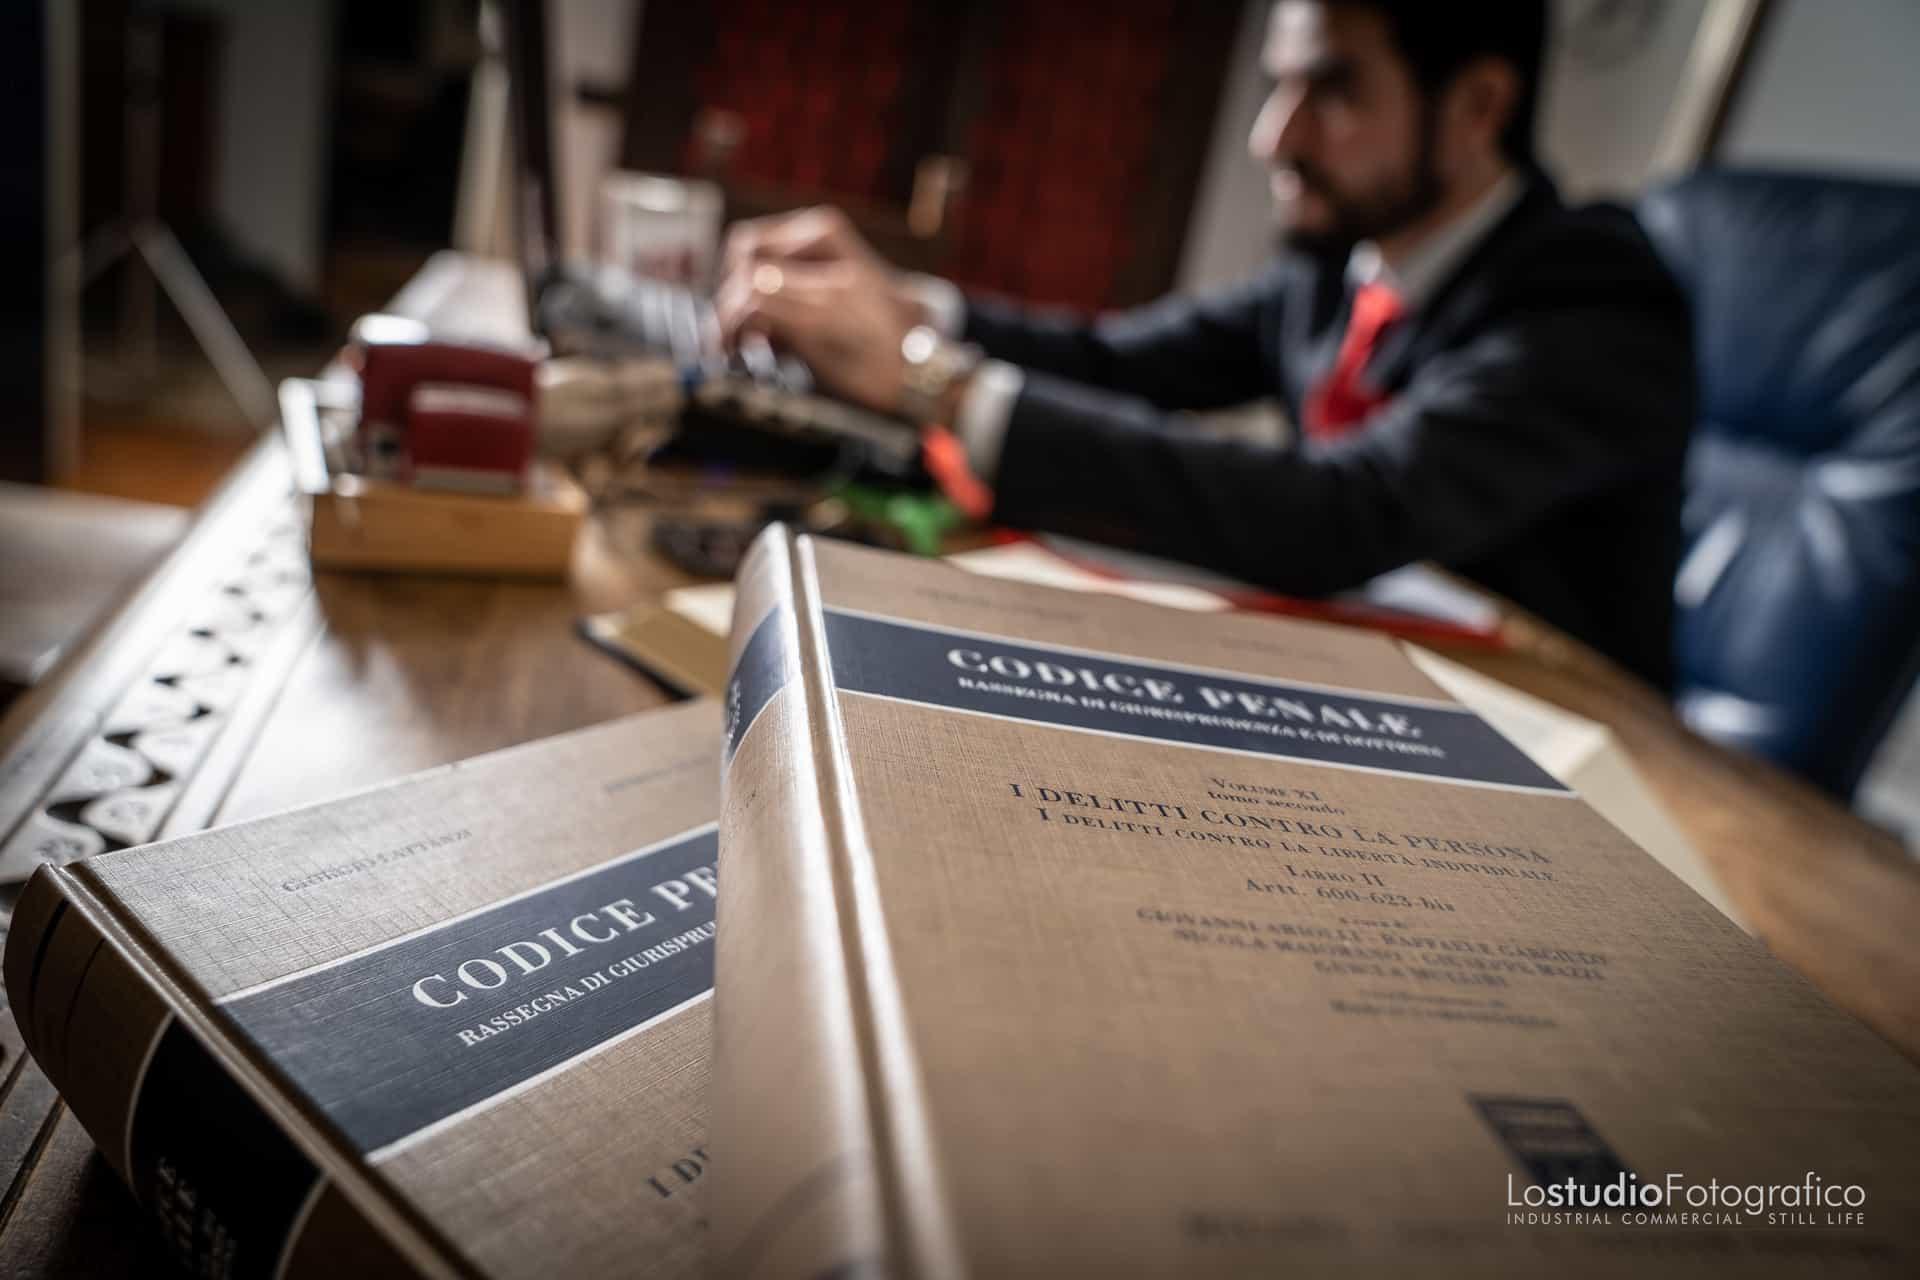 reportage foto studi legali